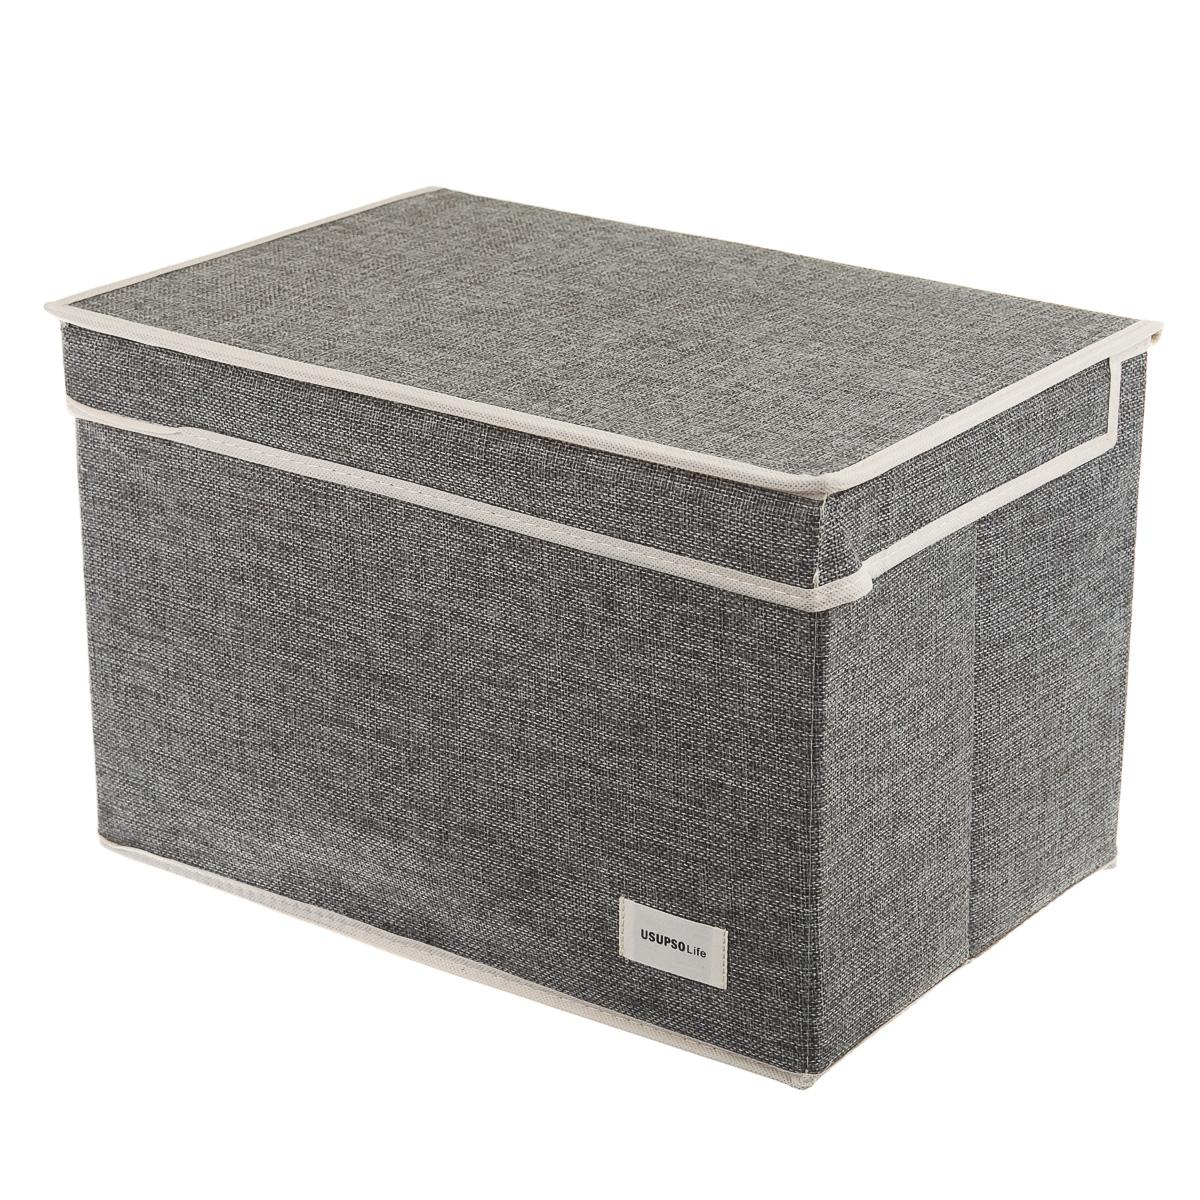 Коробка для хранения вещей большая серая